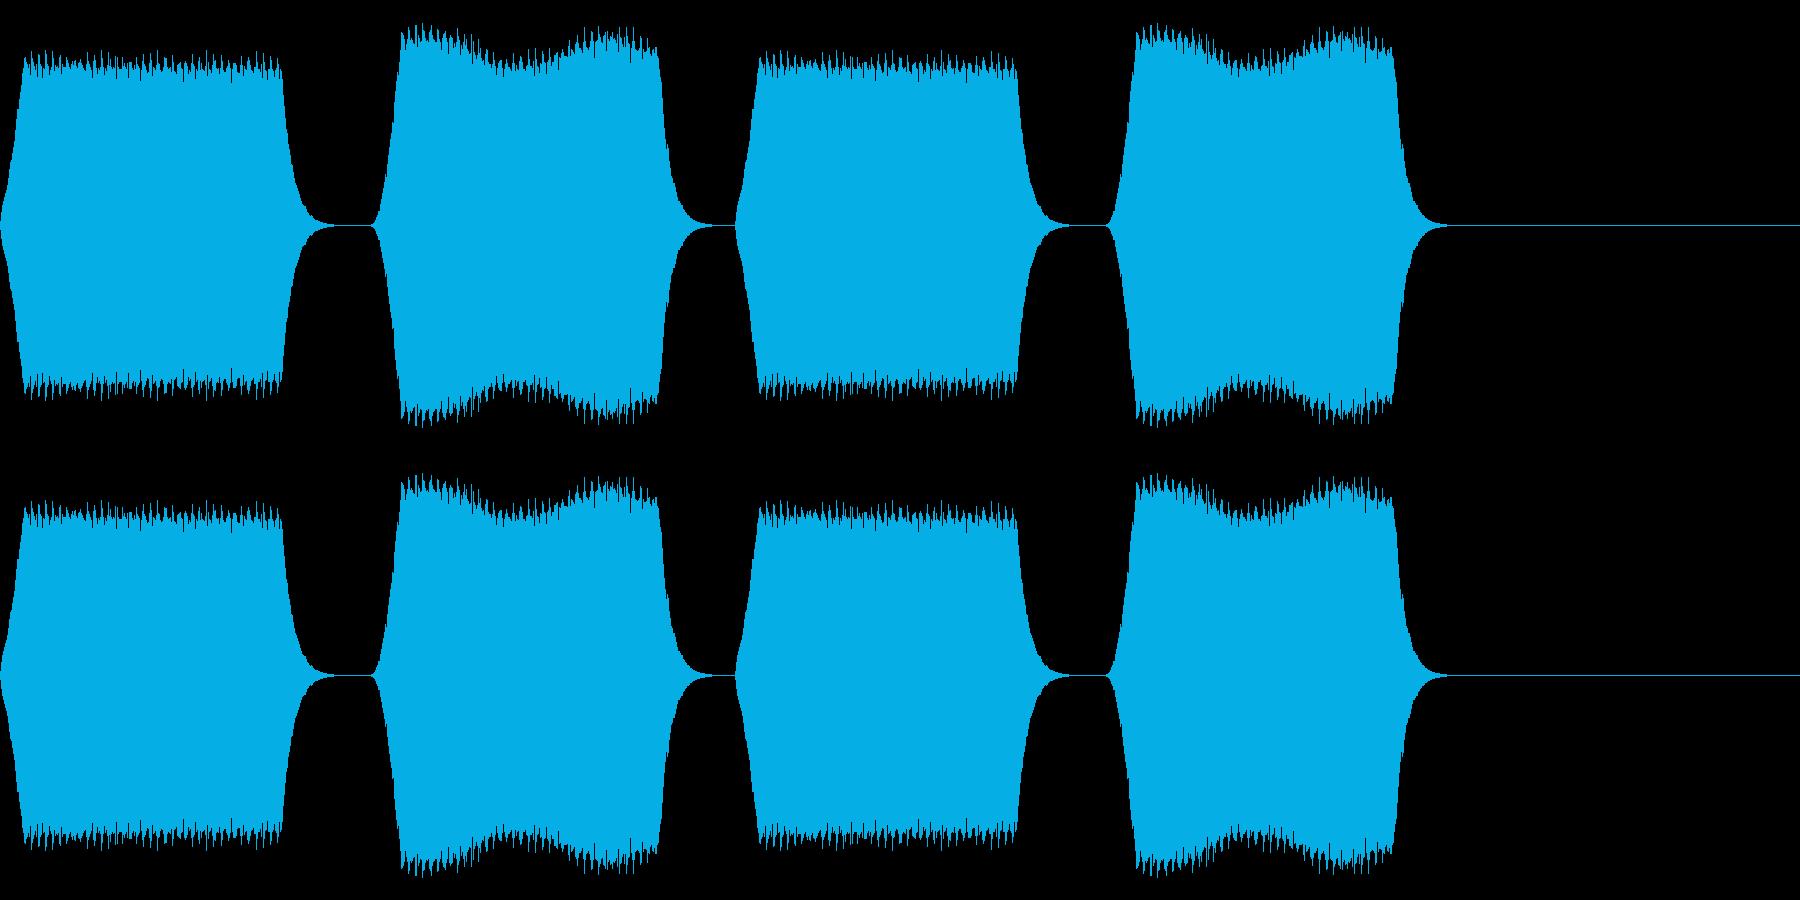 ピピピピ:デジタルテキスト音の再生済みの波形